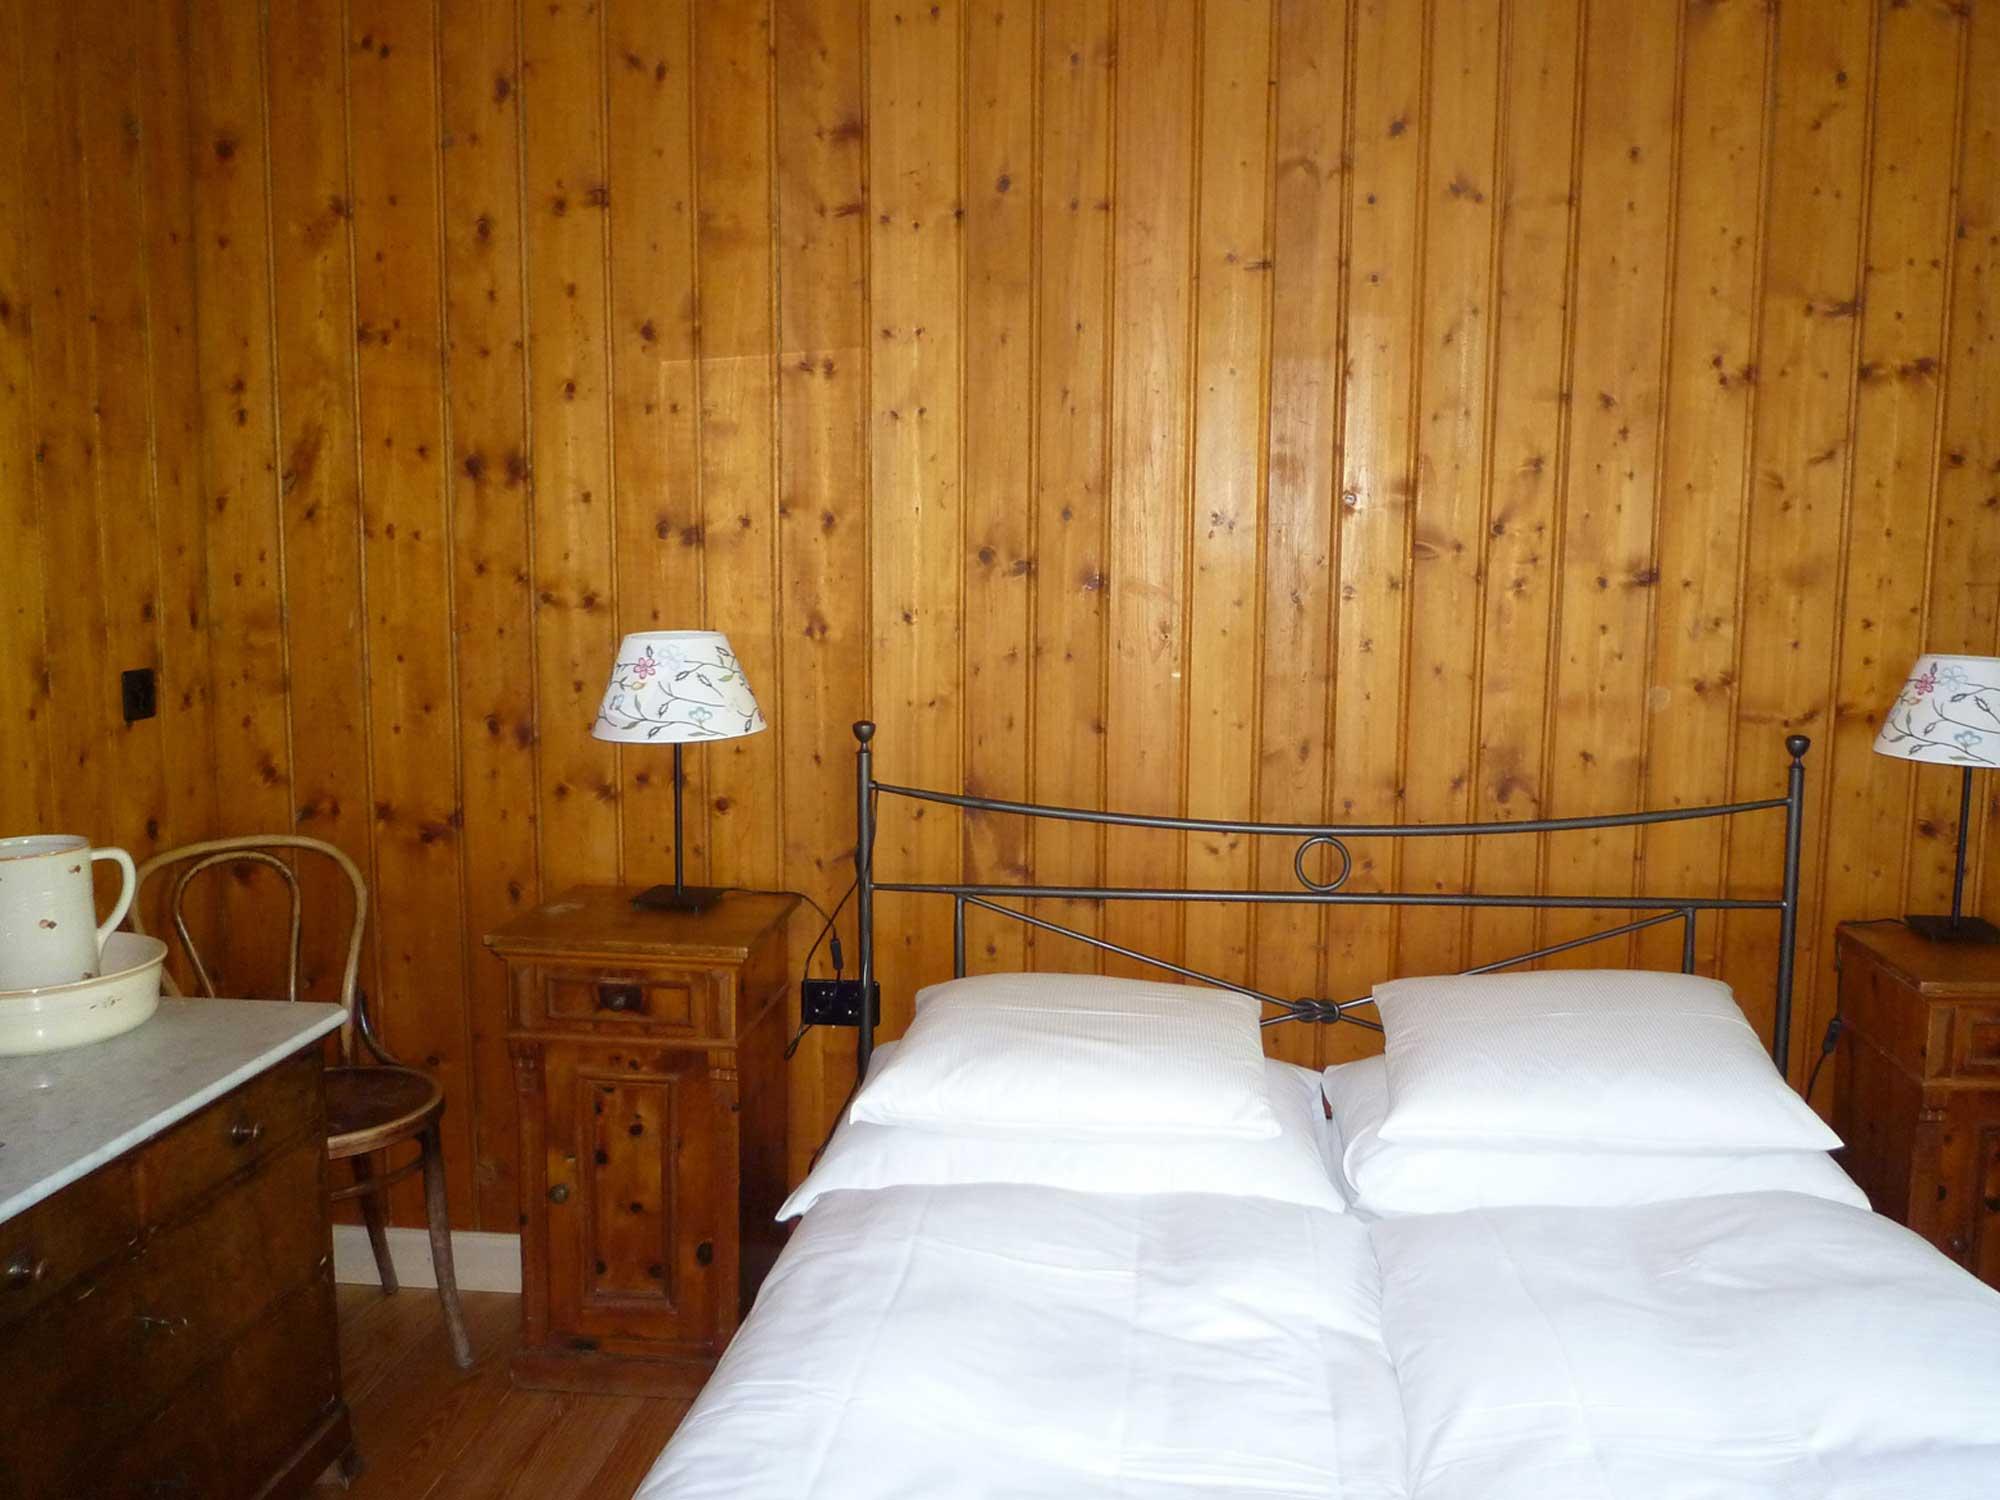 Alla fine di un viaggio c 39 sempre un letto da ricordare un viaggio da riccominciare hotel fex - Letto da viaggio ...